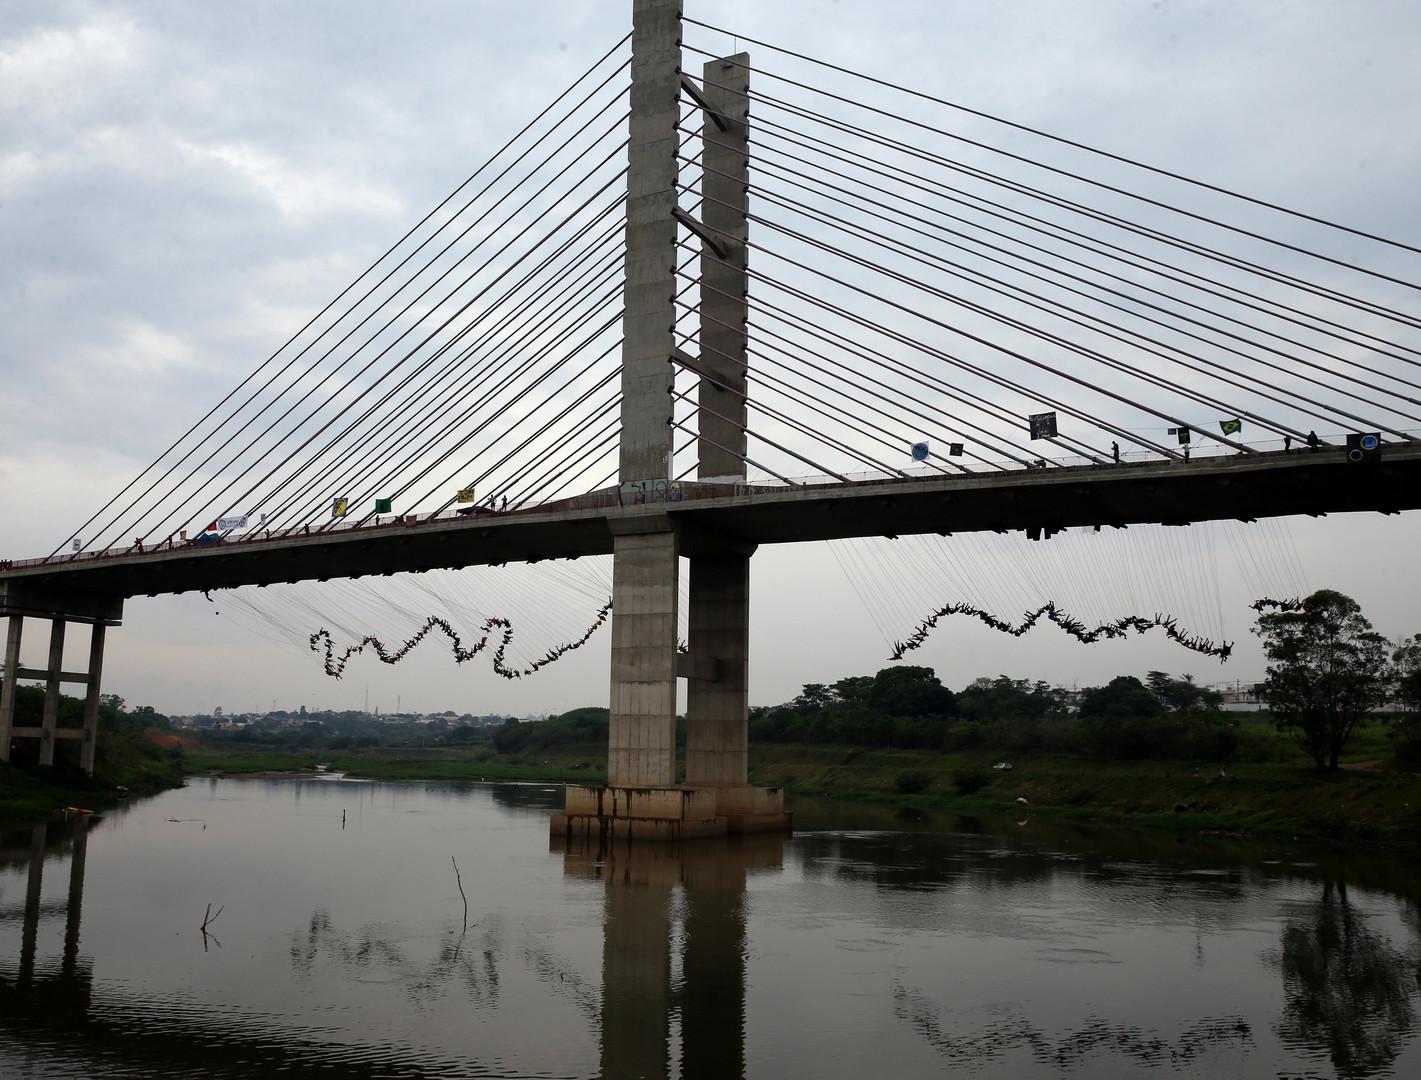 Sprung ins kalte Wasser: 245 Draufgänger versuchen neuen Brückensprung-Rekord aufzustellen [FOTO]